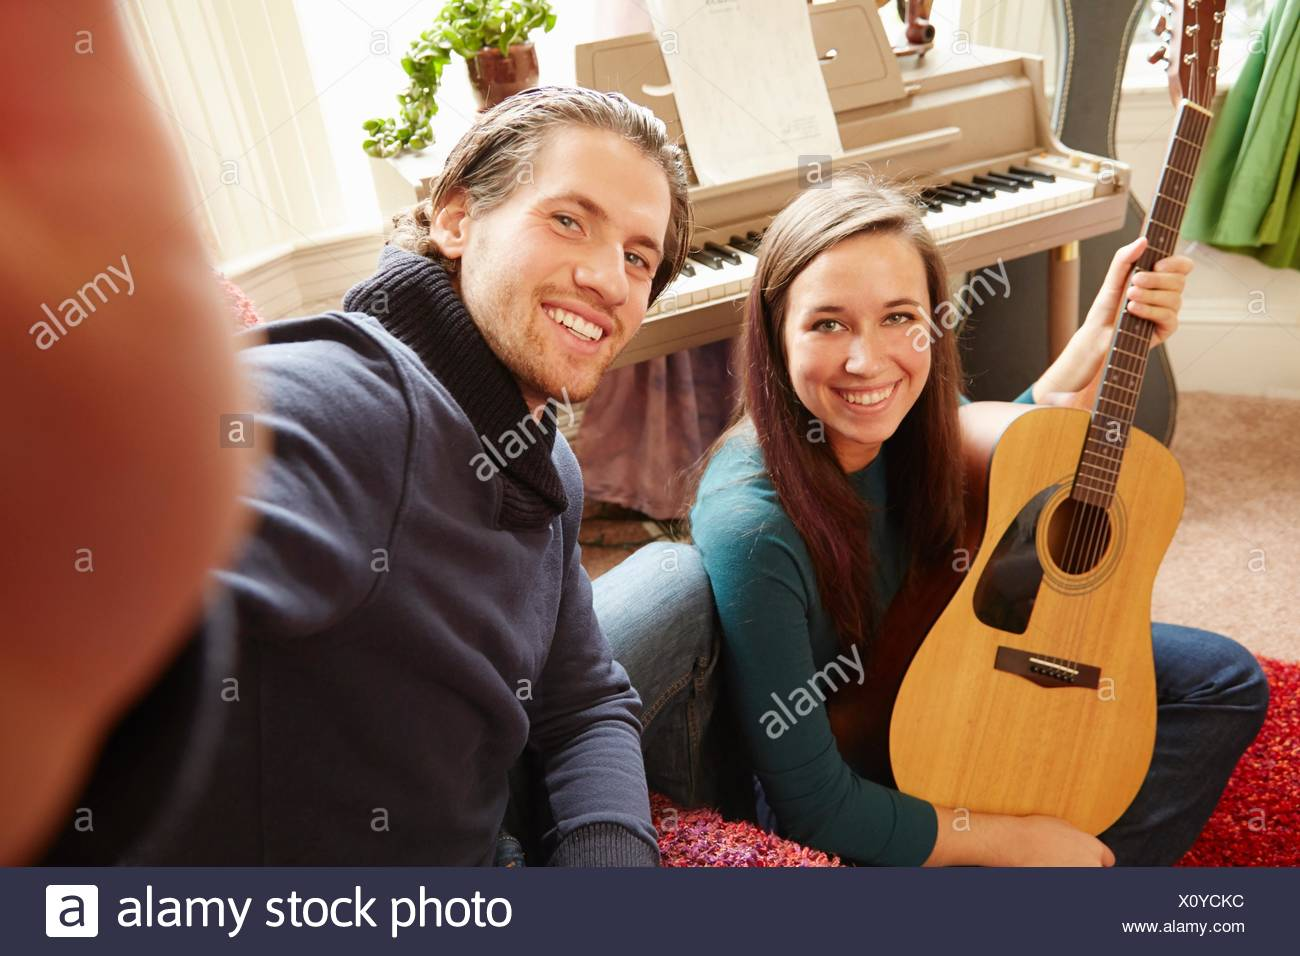 Jeune homme en tenant avec le guitariste amie selfies Photo Stock